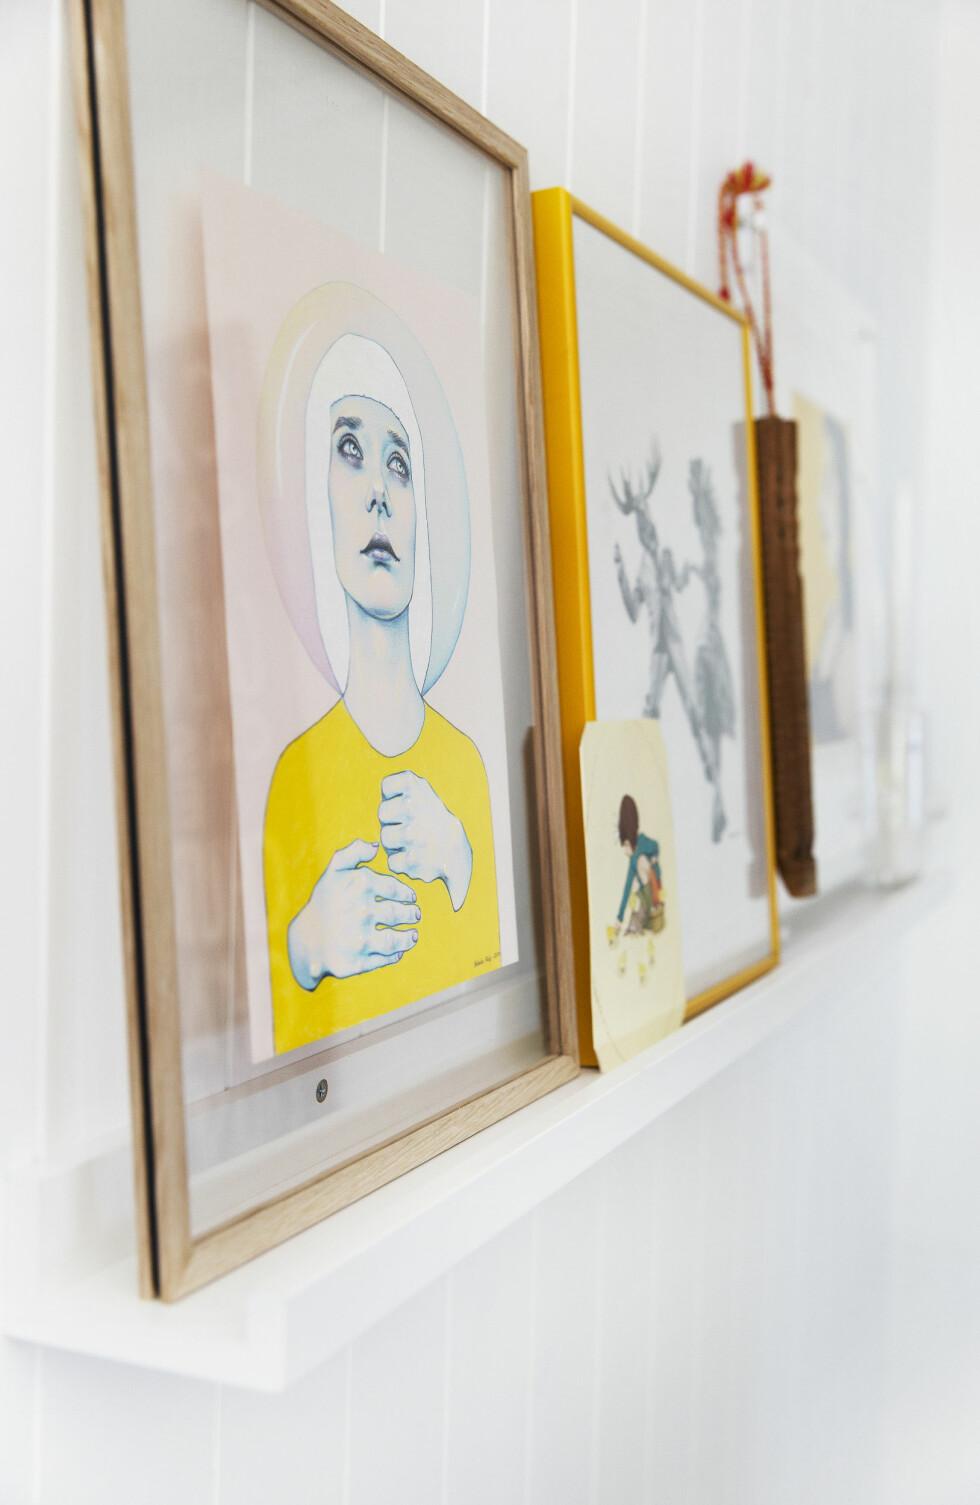 FINE RAMMER: Bilder fra Natalie Foss og Mari Oseland, rammer fra Stilleben i Danmark. — Jeg elsker de rammene. Det er to glassplater som holdes sammen av fire trebiter og en svart strikk. Foto: Yvonne Wilhelmsen